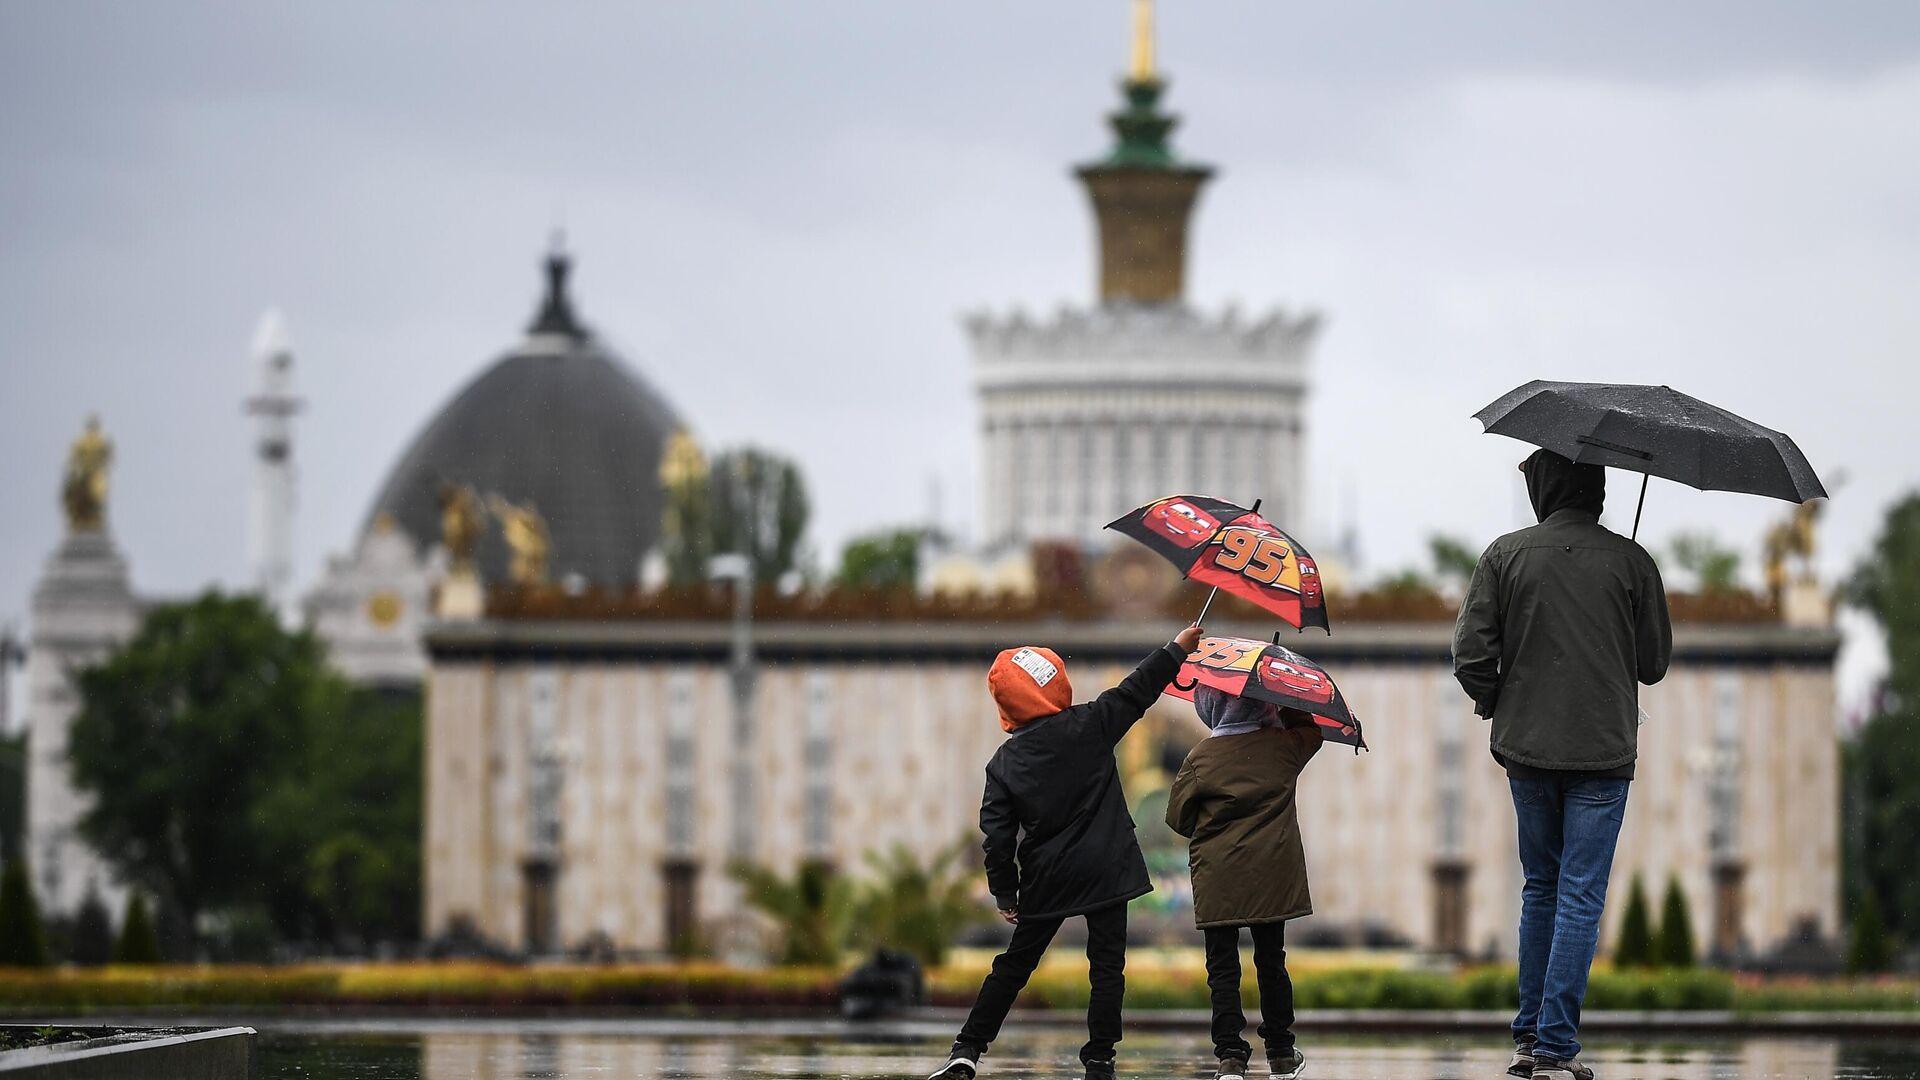 Прохожие гуляют на территории ВДНХ в Москве - РИА Новости, 1920, 13.05.2021